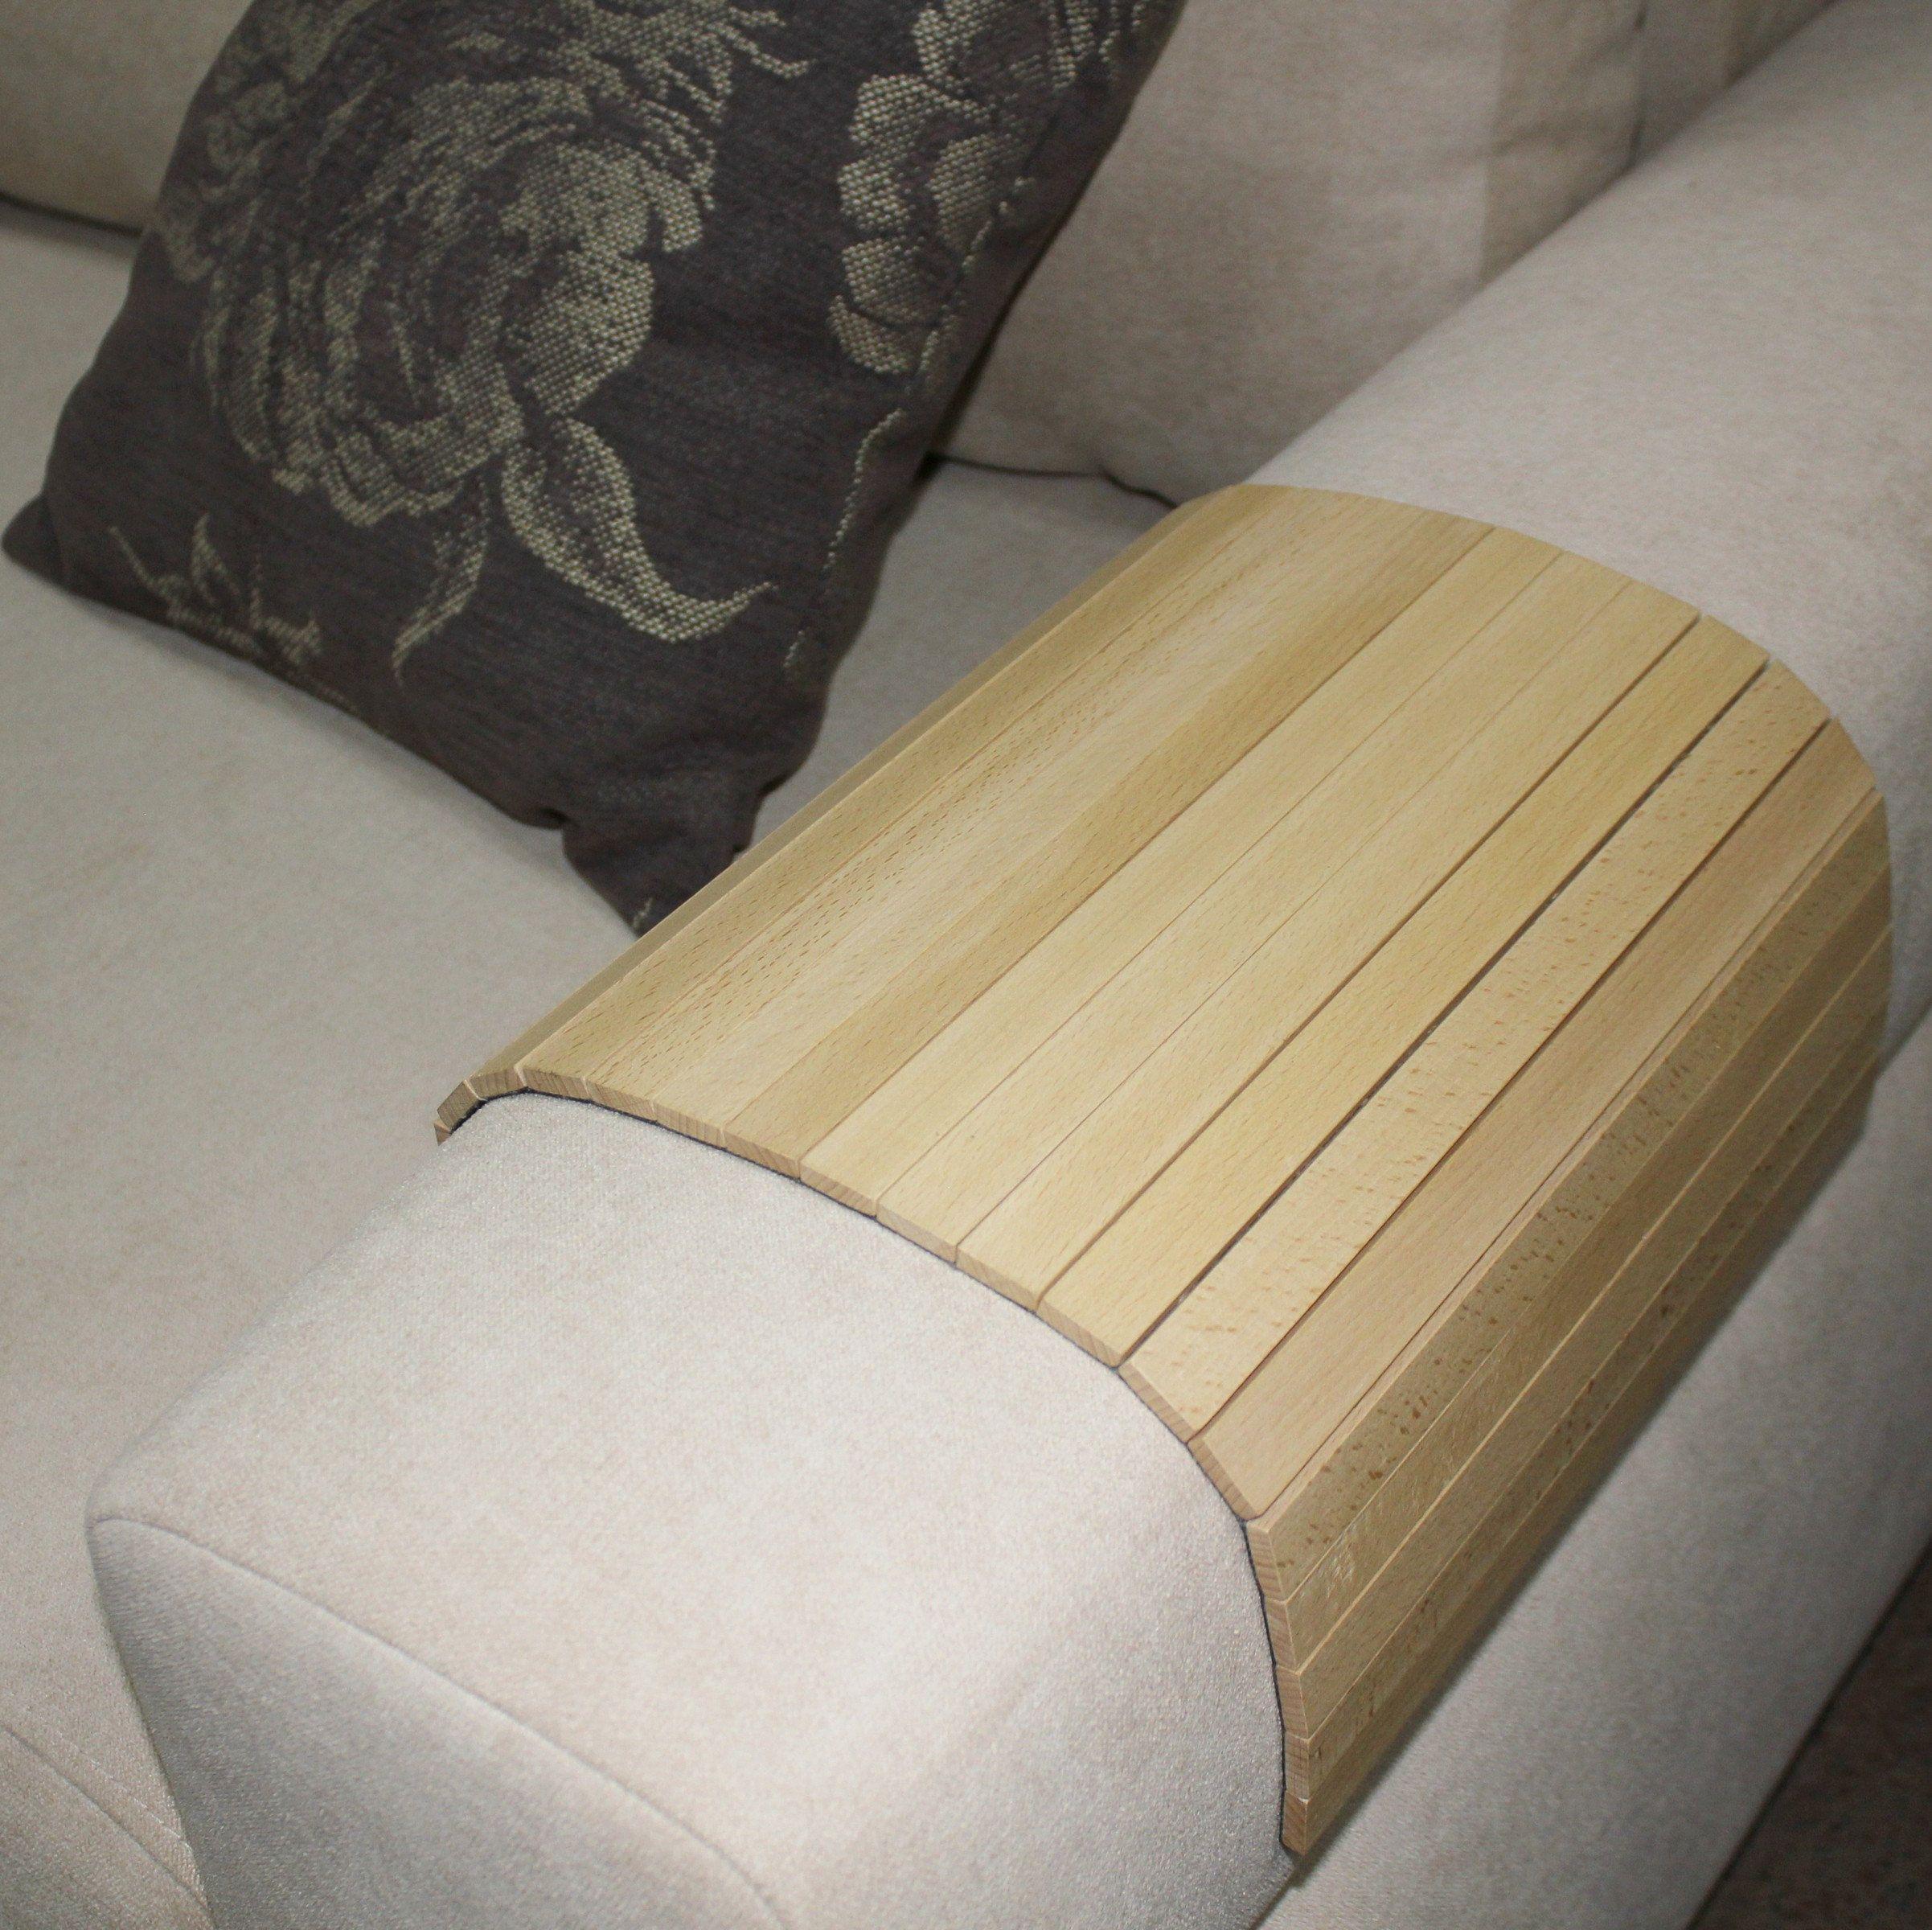 Sofa Tray Table Sofa Arm Tray Armrest Tray Sofa Arm Table Couch Tray Coffee Table Flexible Tray Adjustable Tray Flexible Wooden Tea Tray Ash Sofa Arm Table Couch Tray White Wood